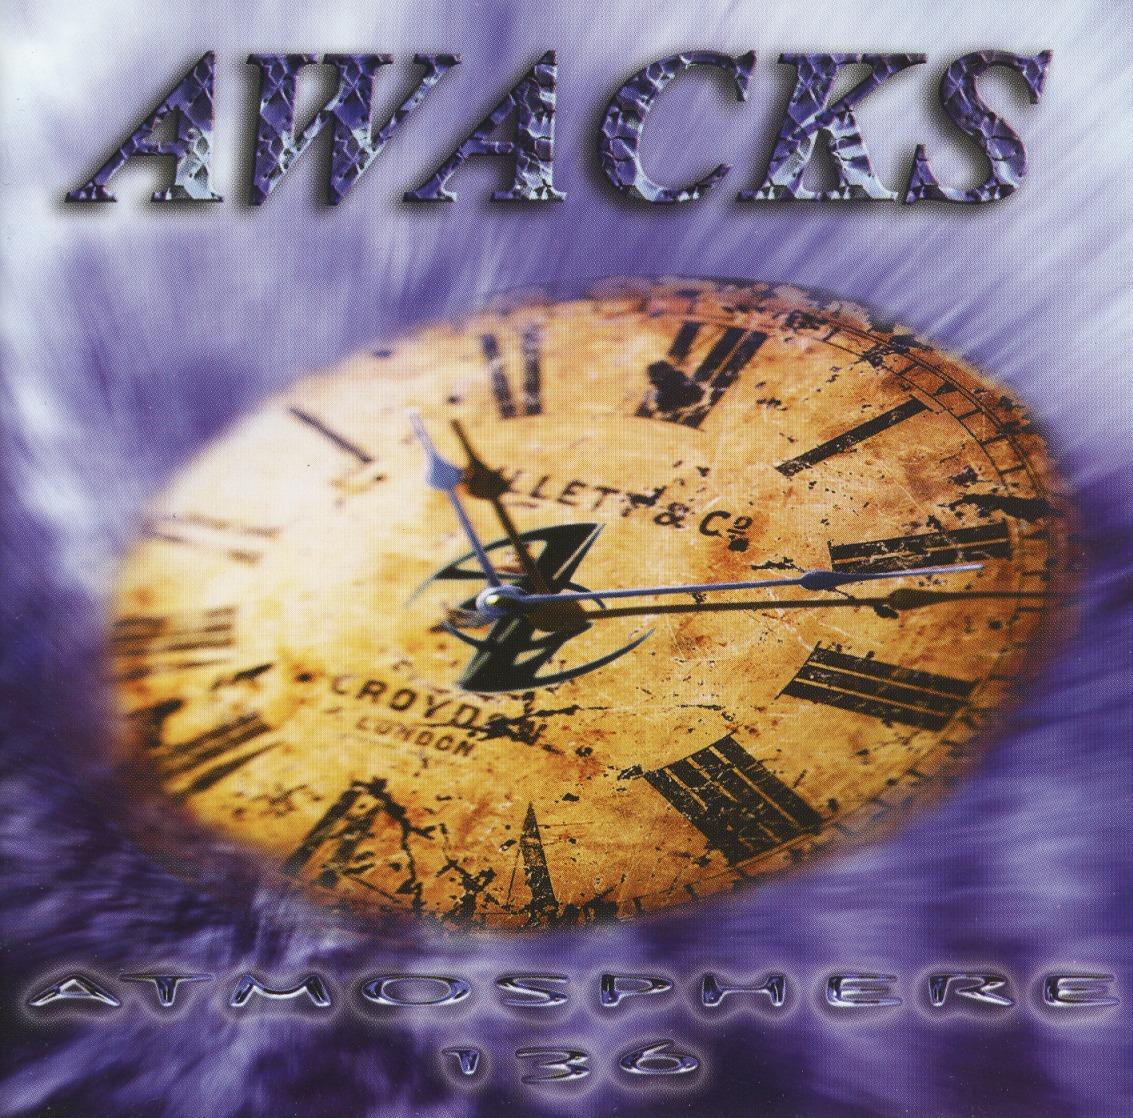 AWACKS (France) / Atmosphere 136